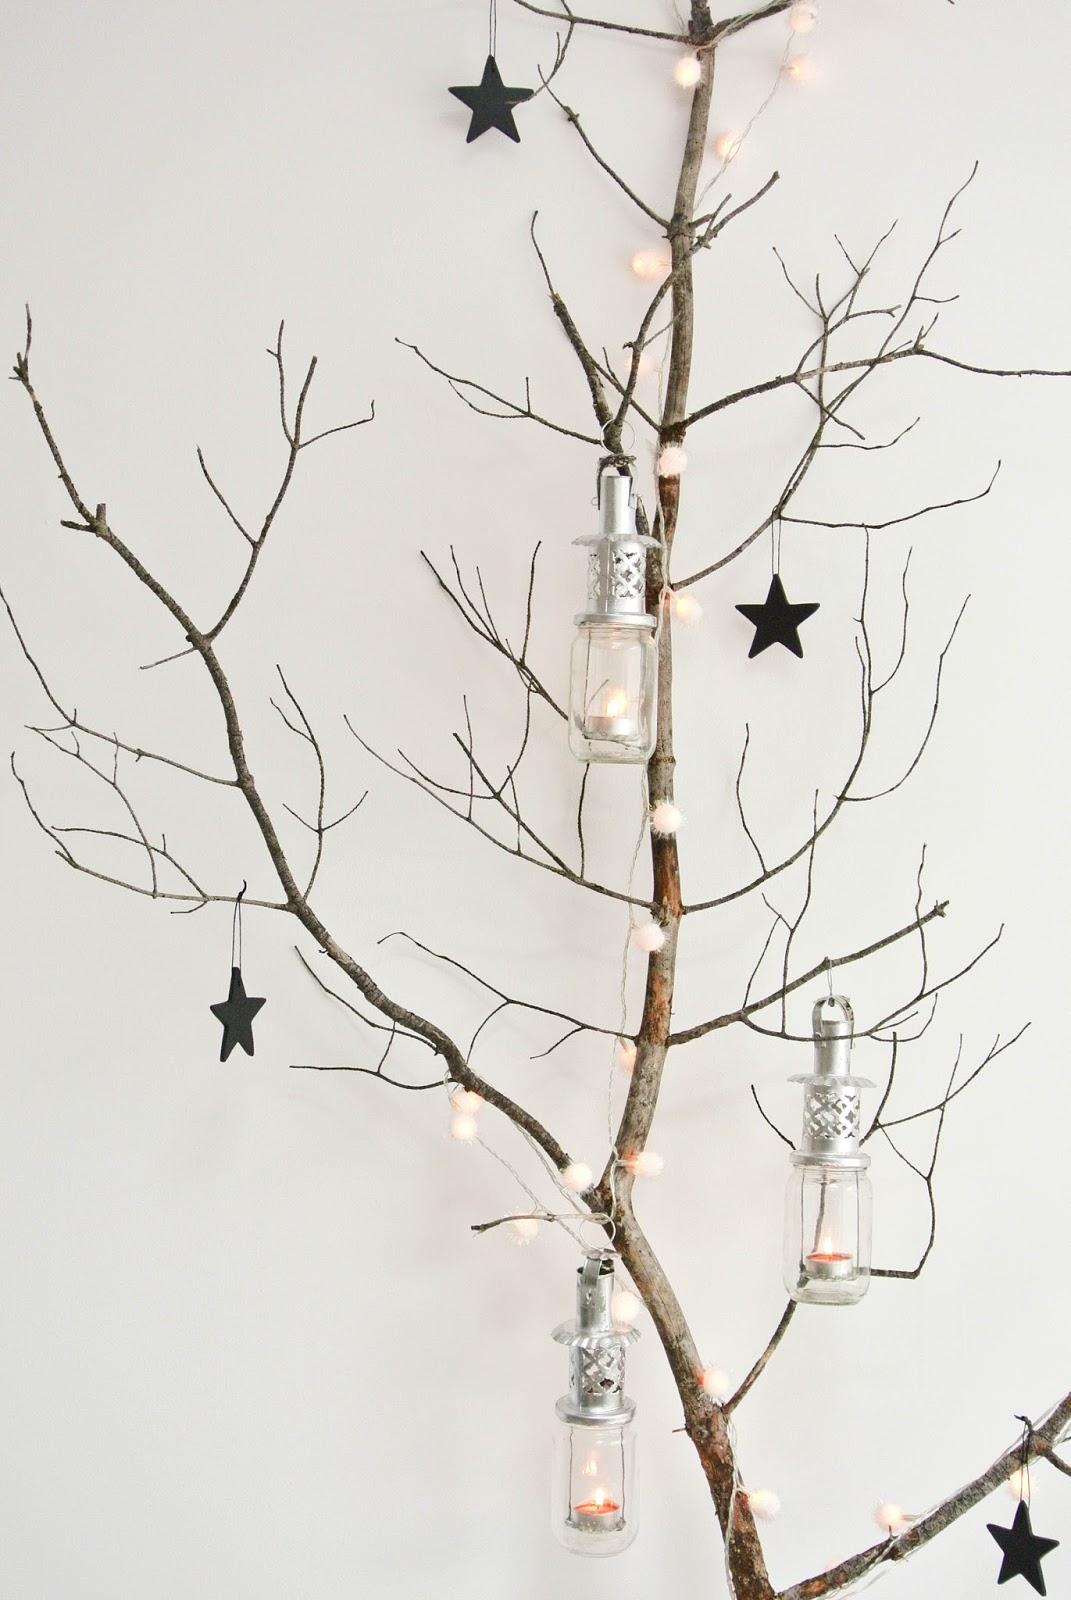 Plutôt qu'un sapin de Noël classique, on mise sur des branches d'arbre